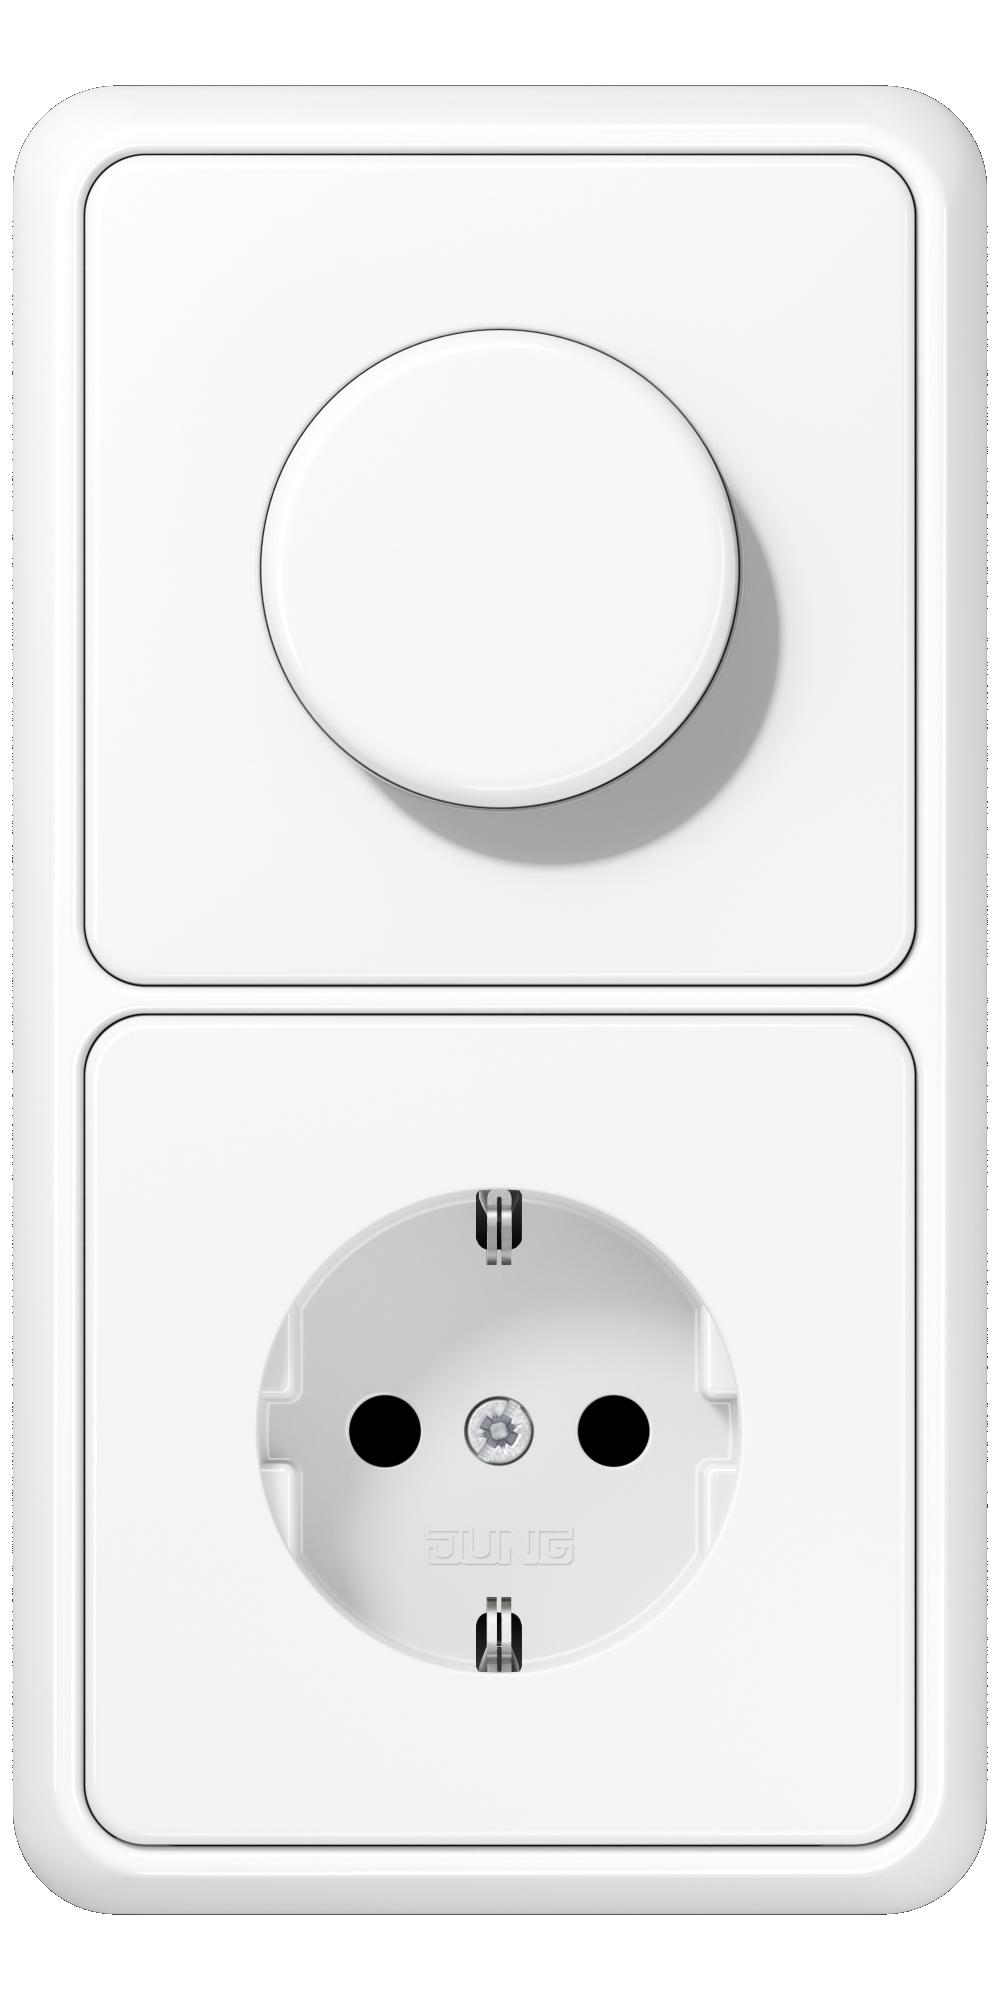 JUNG_CD500_white_dimmer-socket